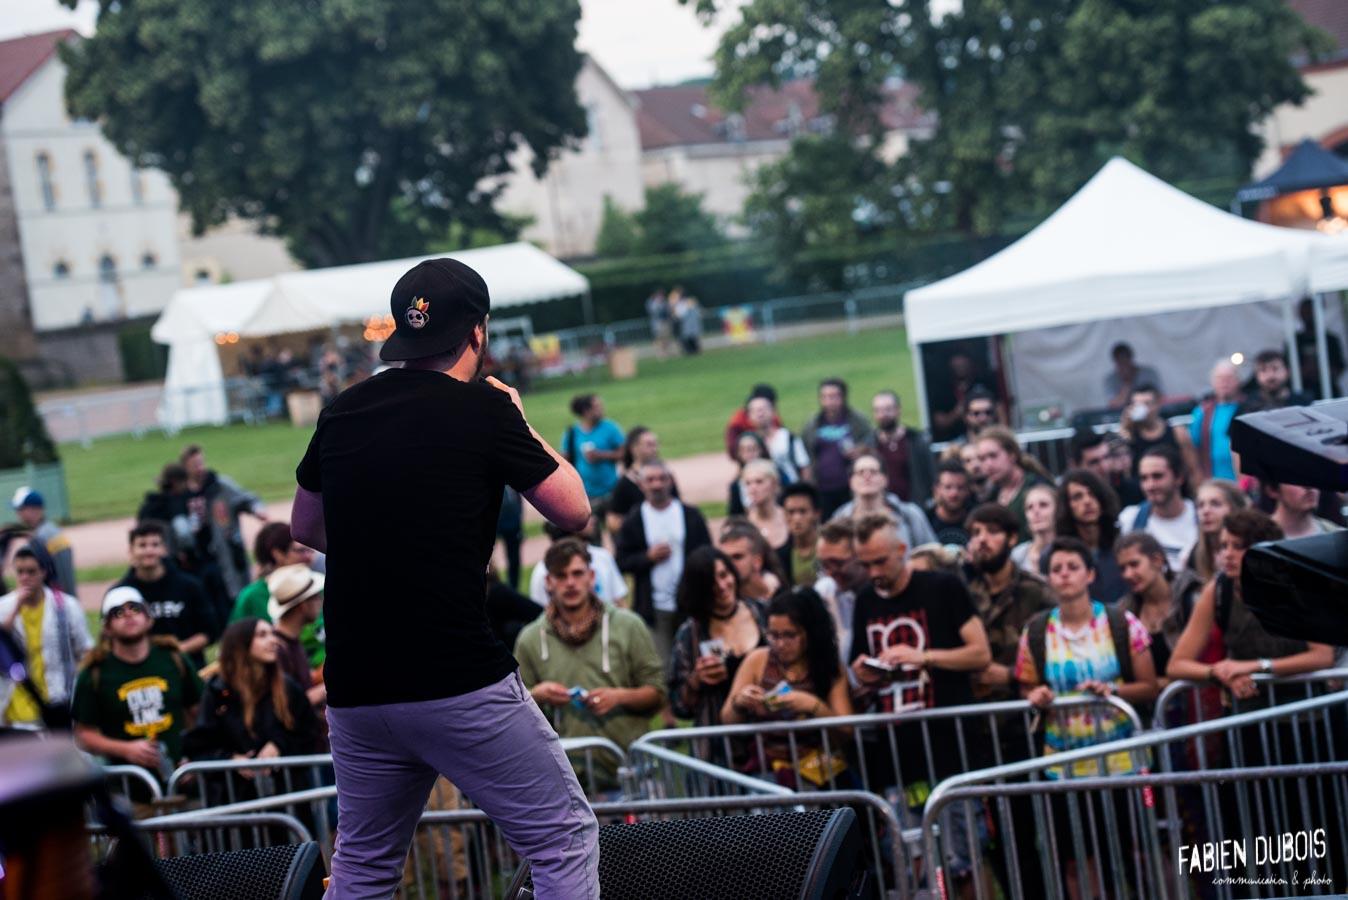 Photo Feuilles de Roots Grand Bastringue Festival Cluny Vendredi 2018